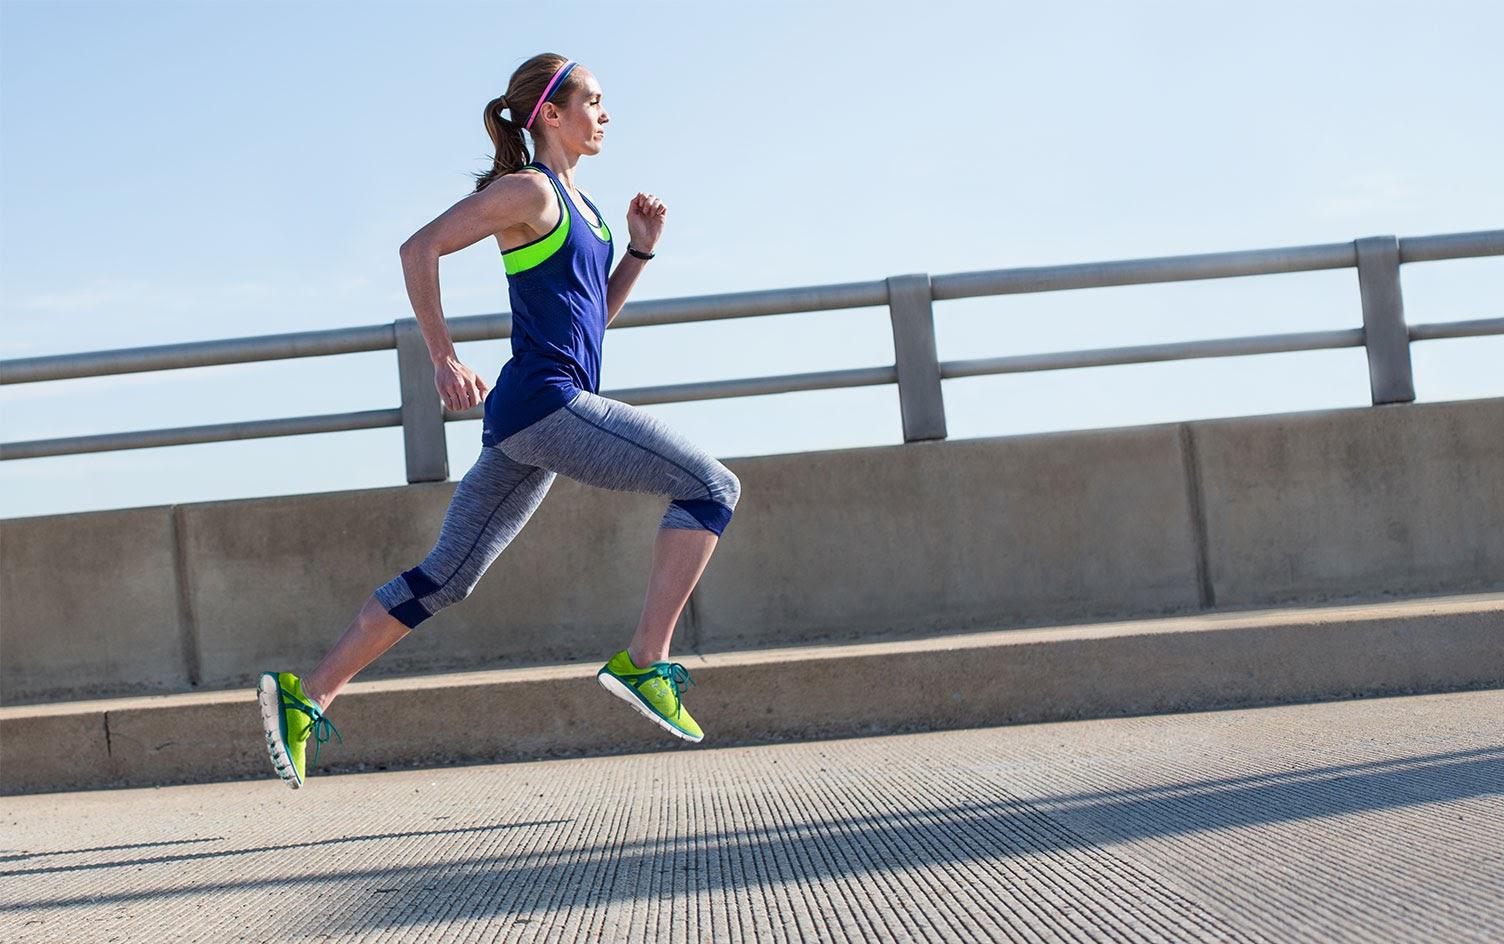 Luyện tập rèn luyện sức khỏe giúp tăng cân nhanh chóng